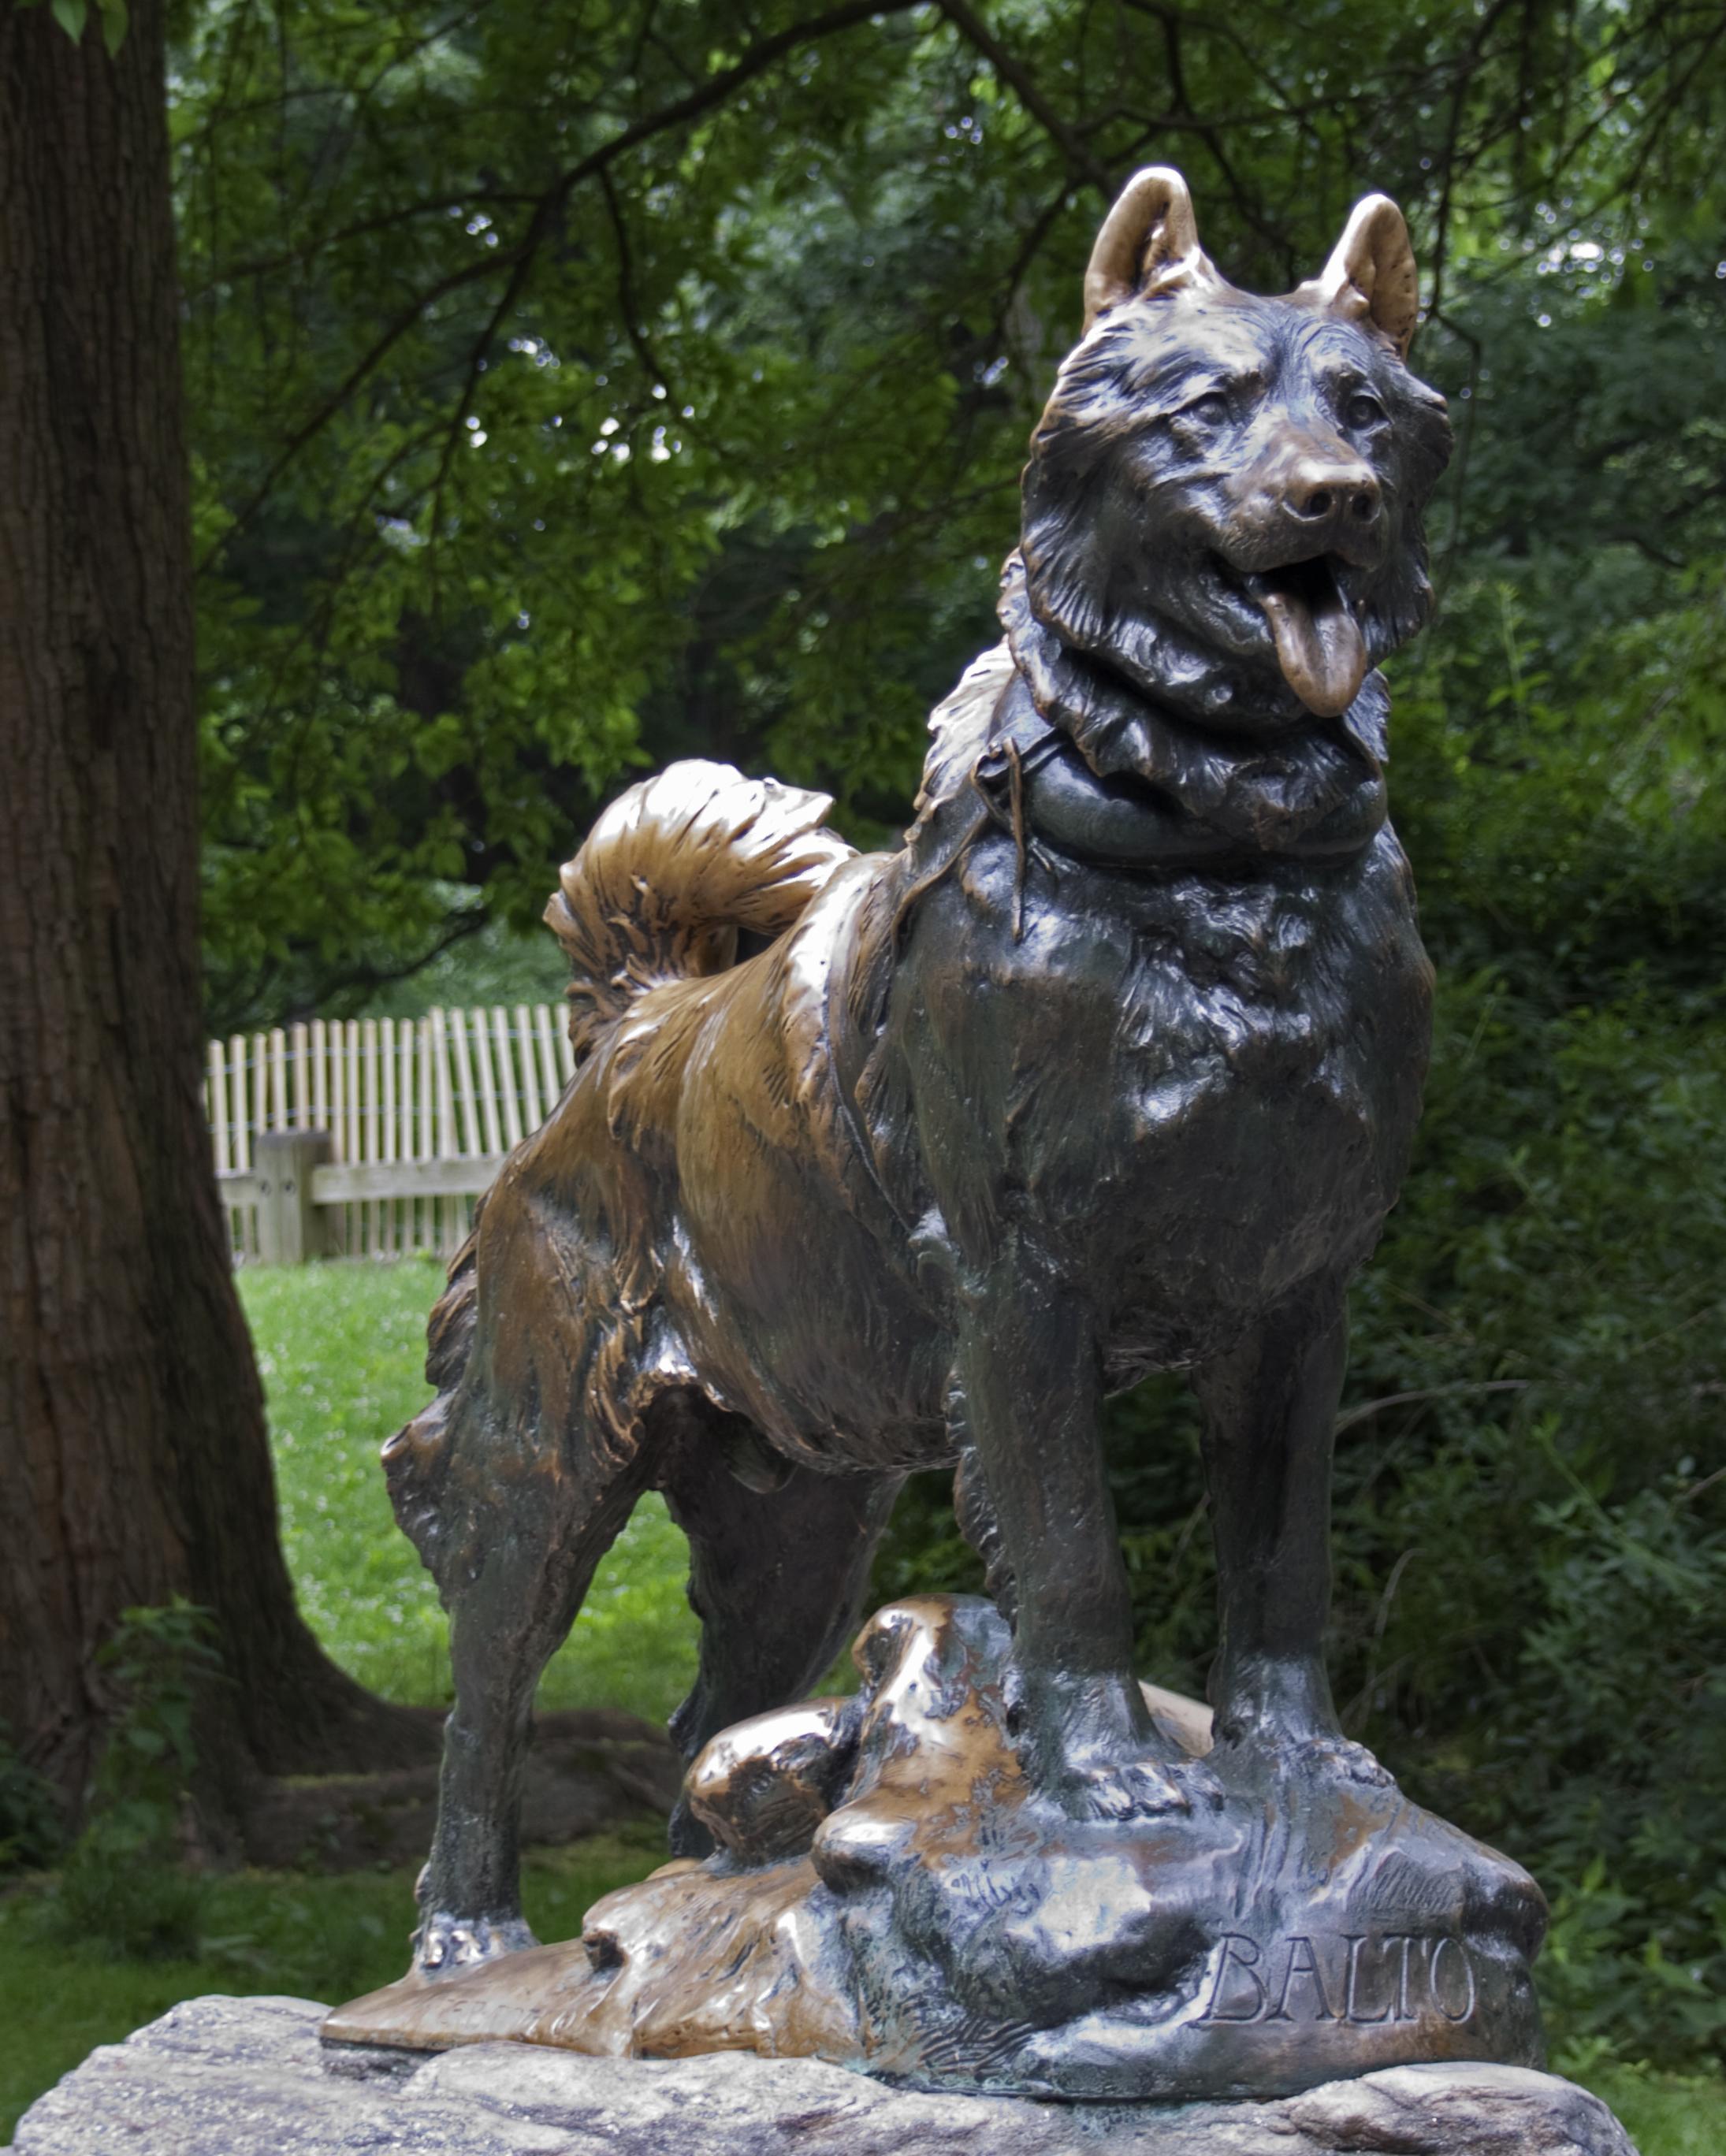 chien - Balto - statue de Central Park